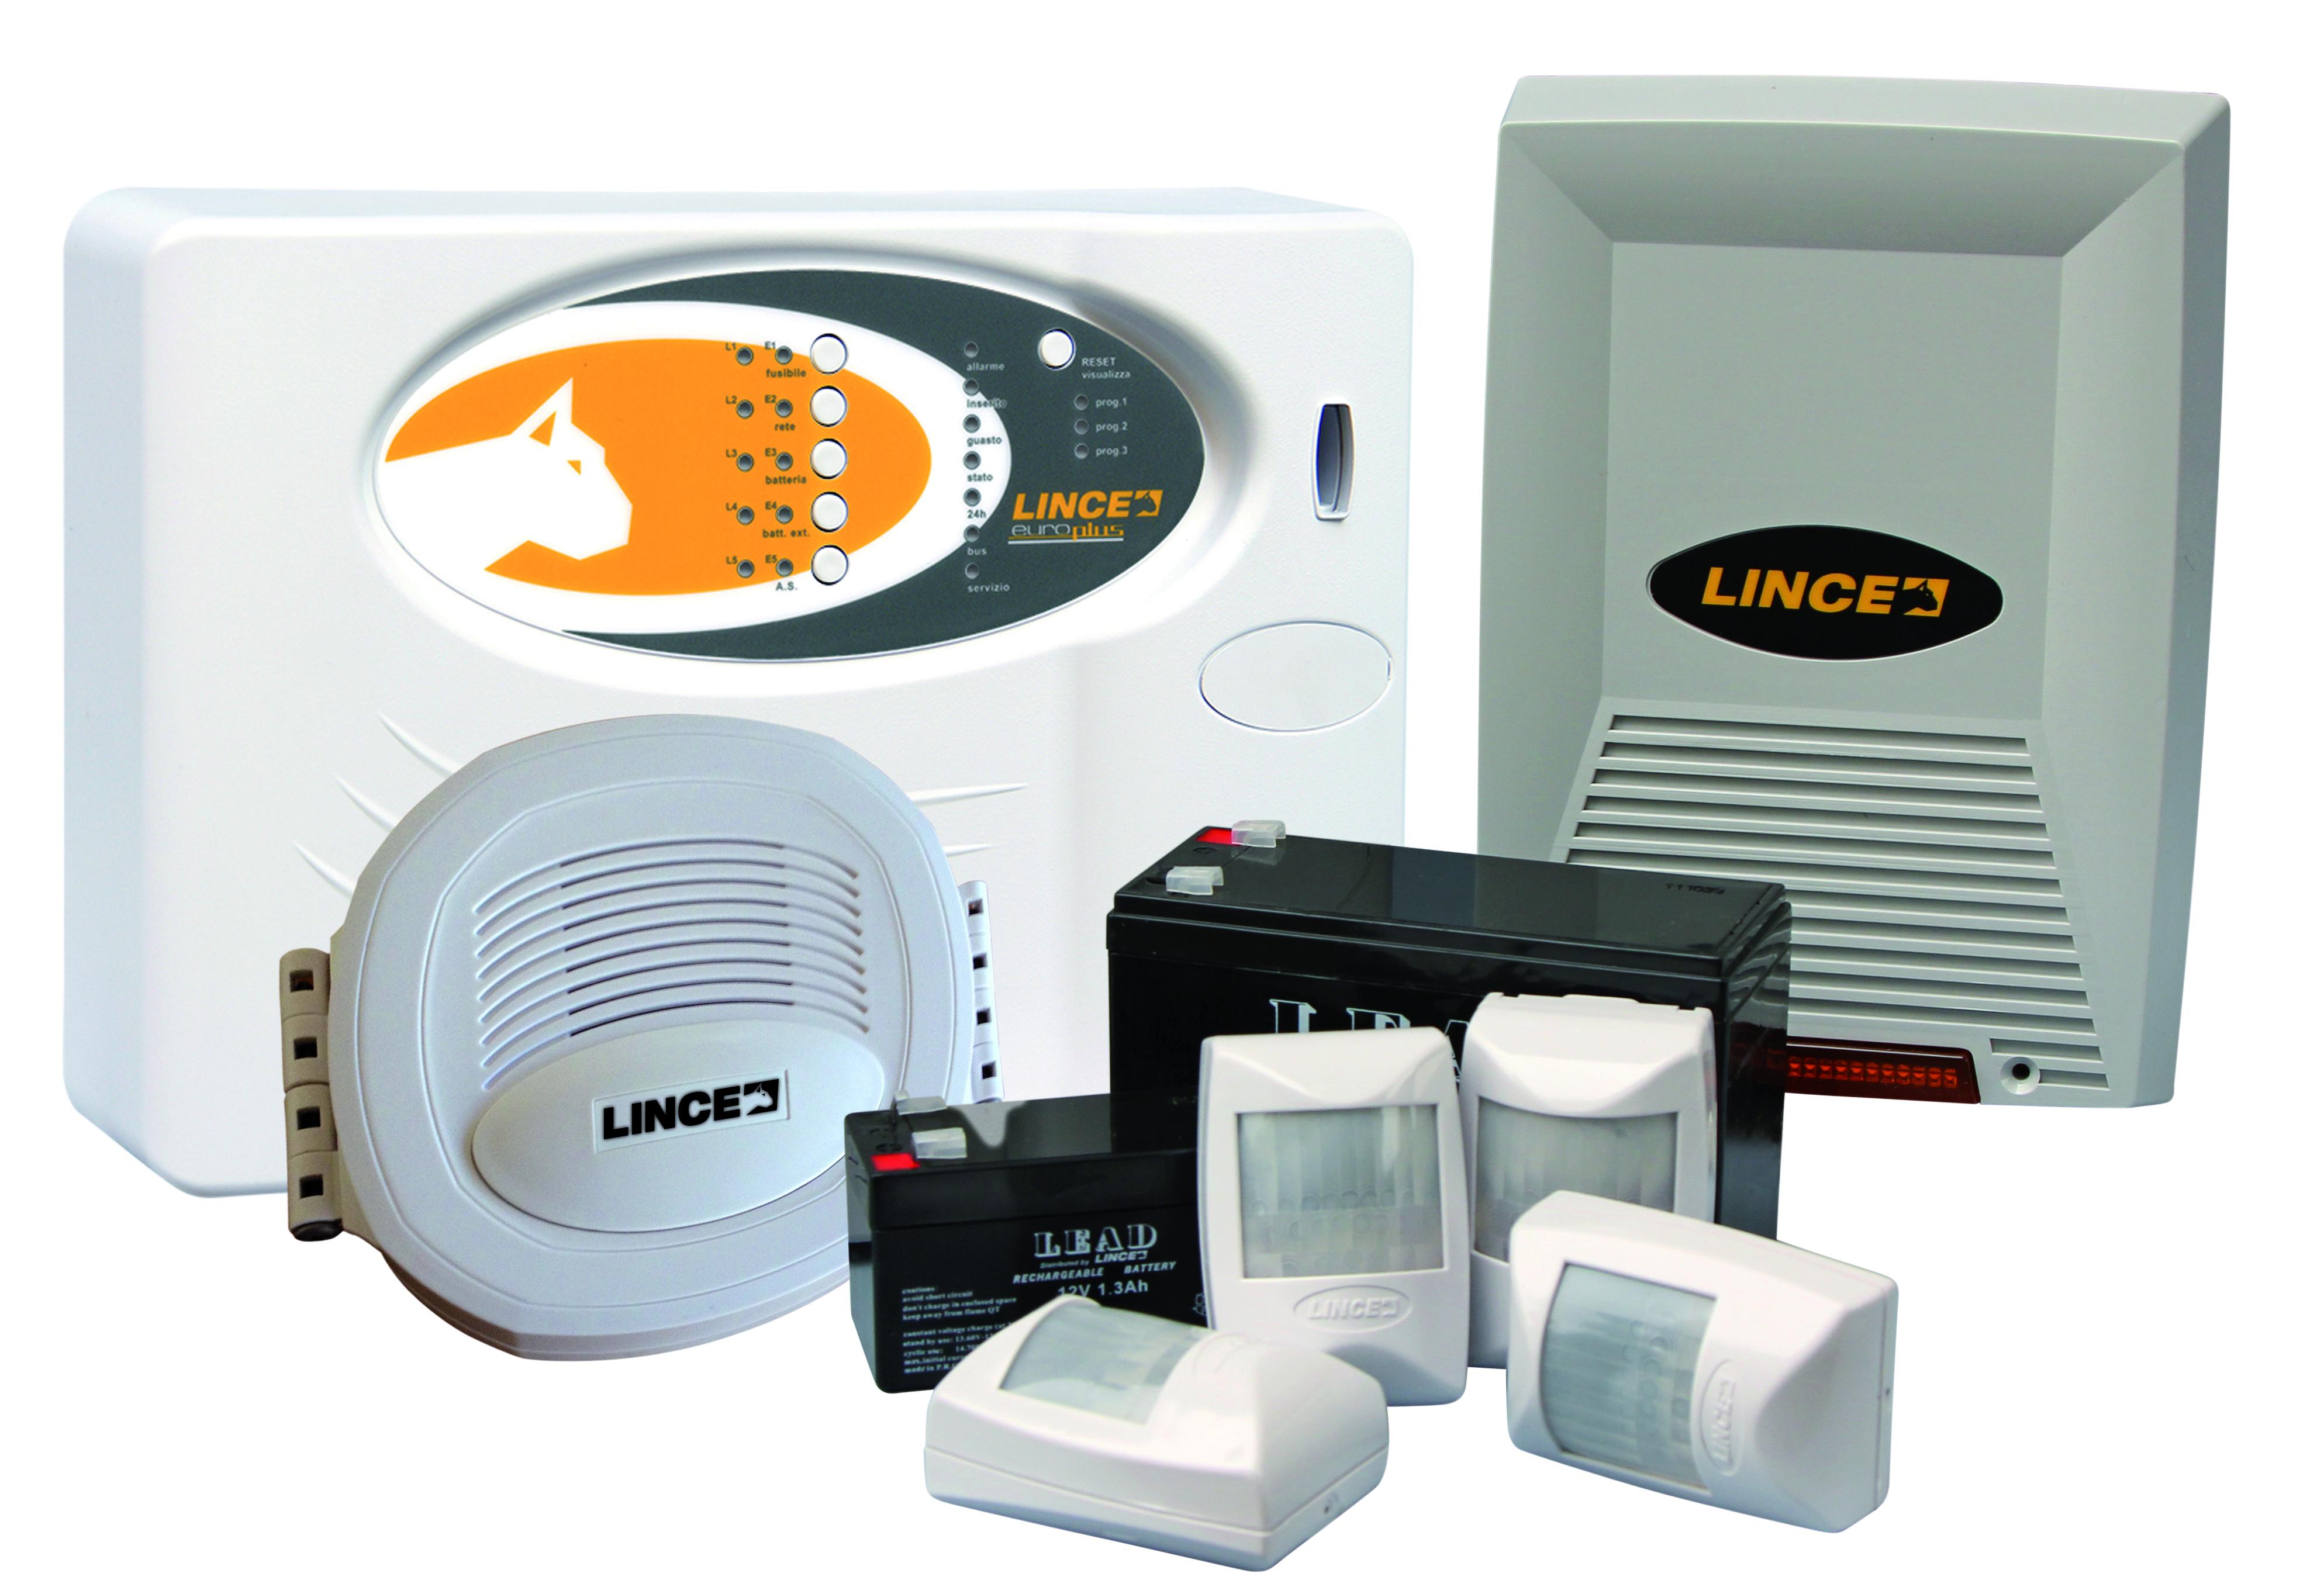 Consigli sugli antifurti della lince antifurto casa wireless - Antifurto casa consigli ...